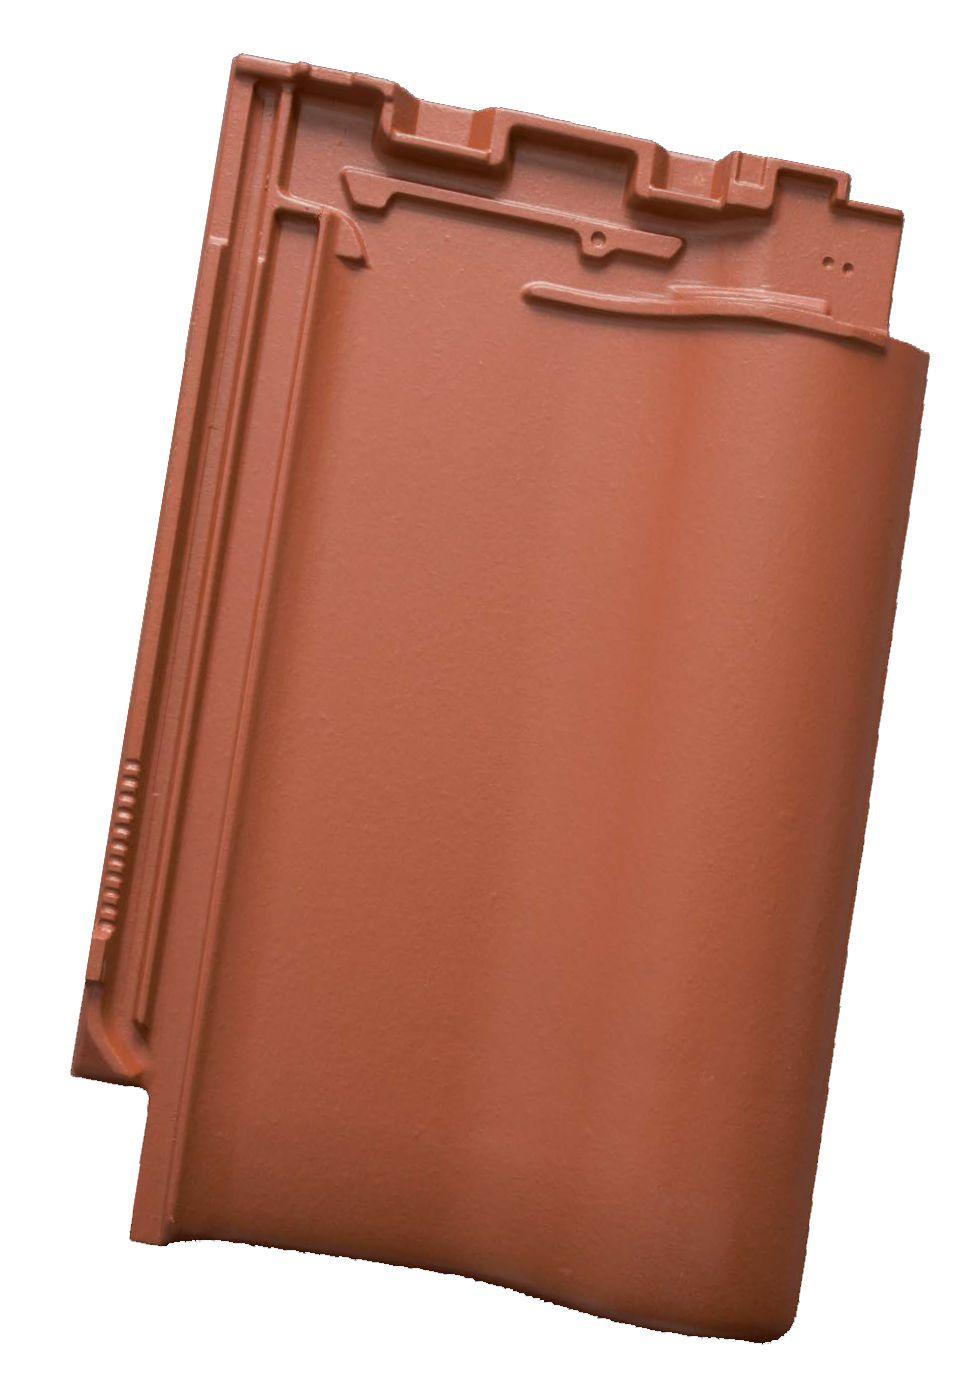 Häufig Nelskamp Nibra®-Großflächenziegel | Dachziegelwerke Nelskamp MP92